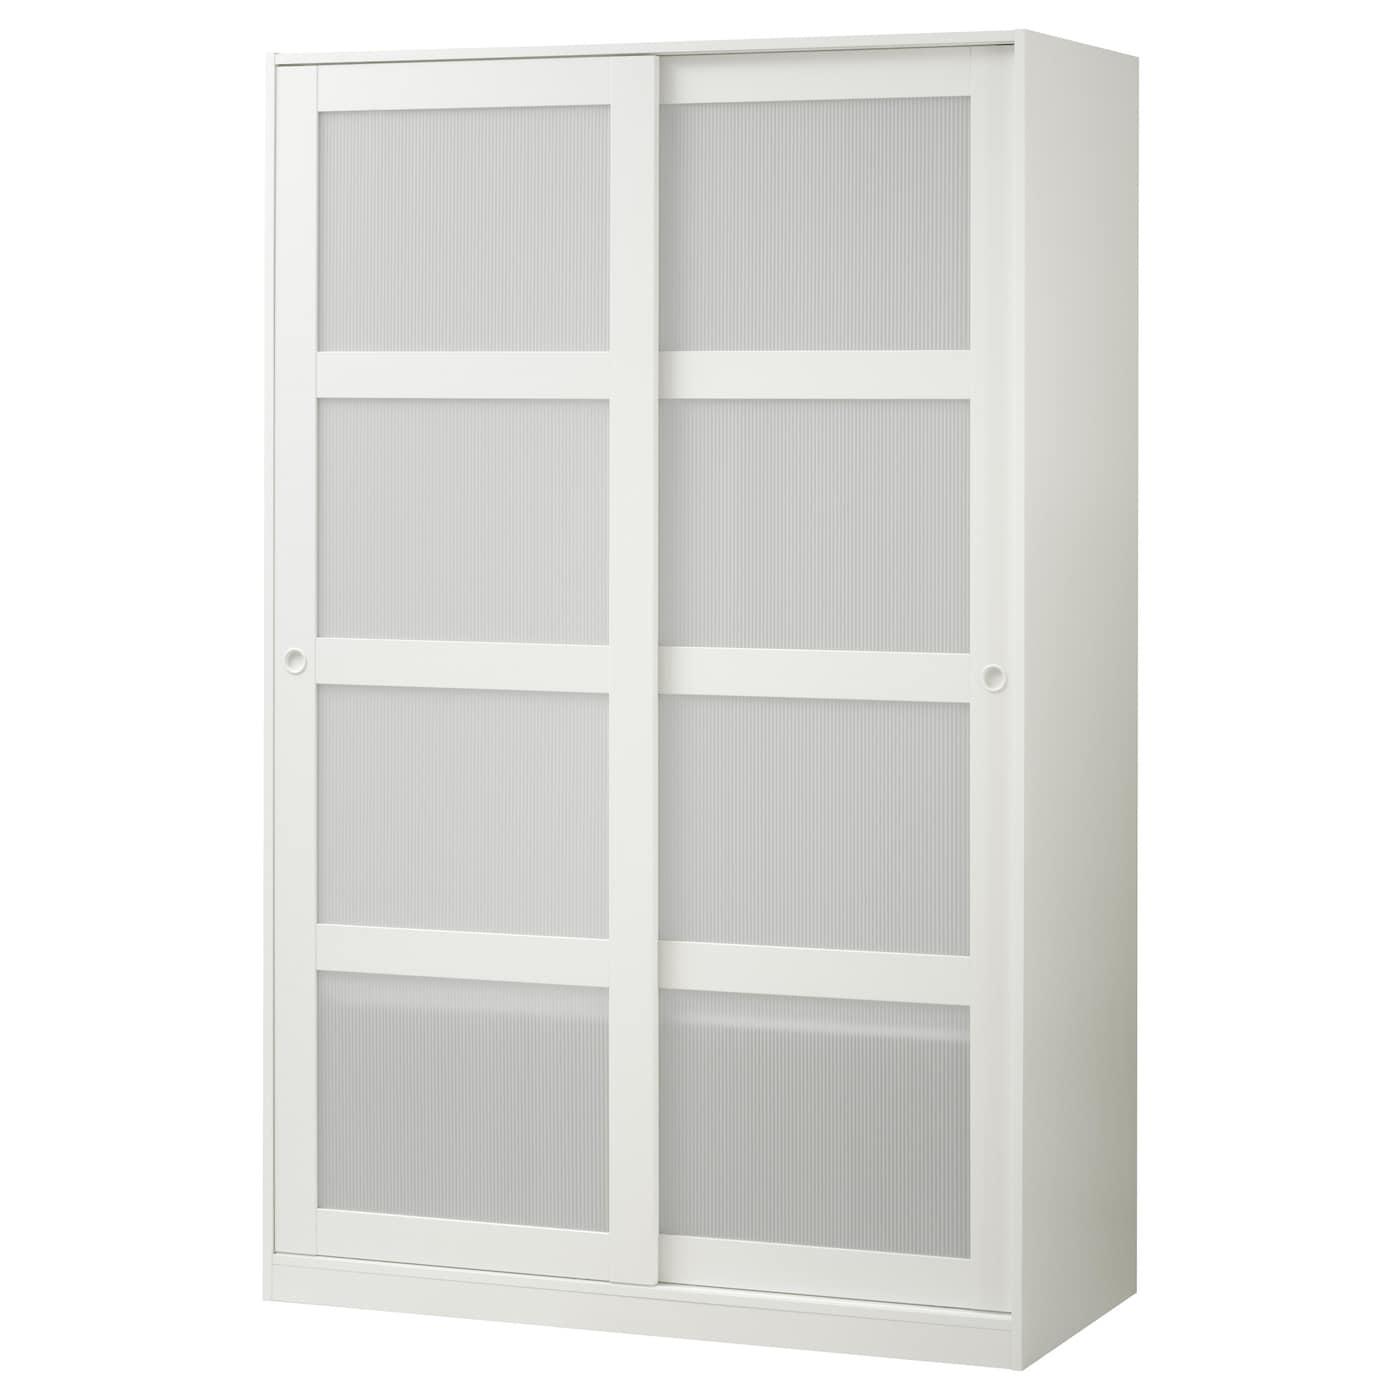 IKEA KVIKNE biała szafa z dwoma drzwiami przesuwanymi, 120x190 cm